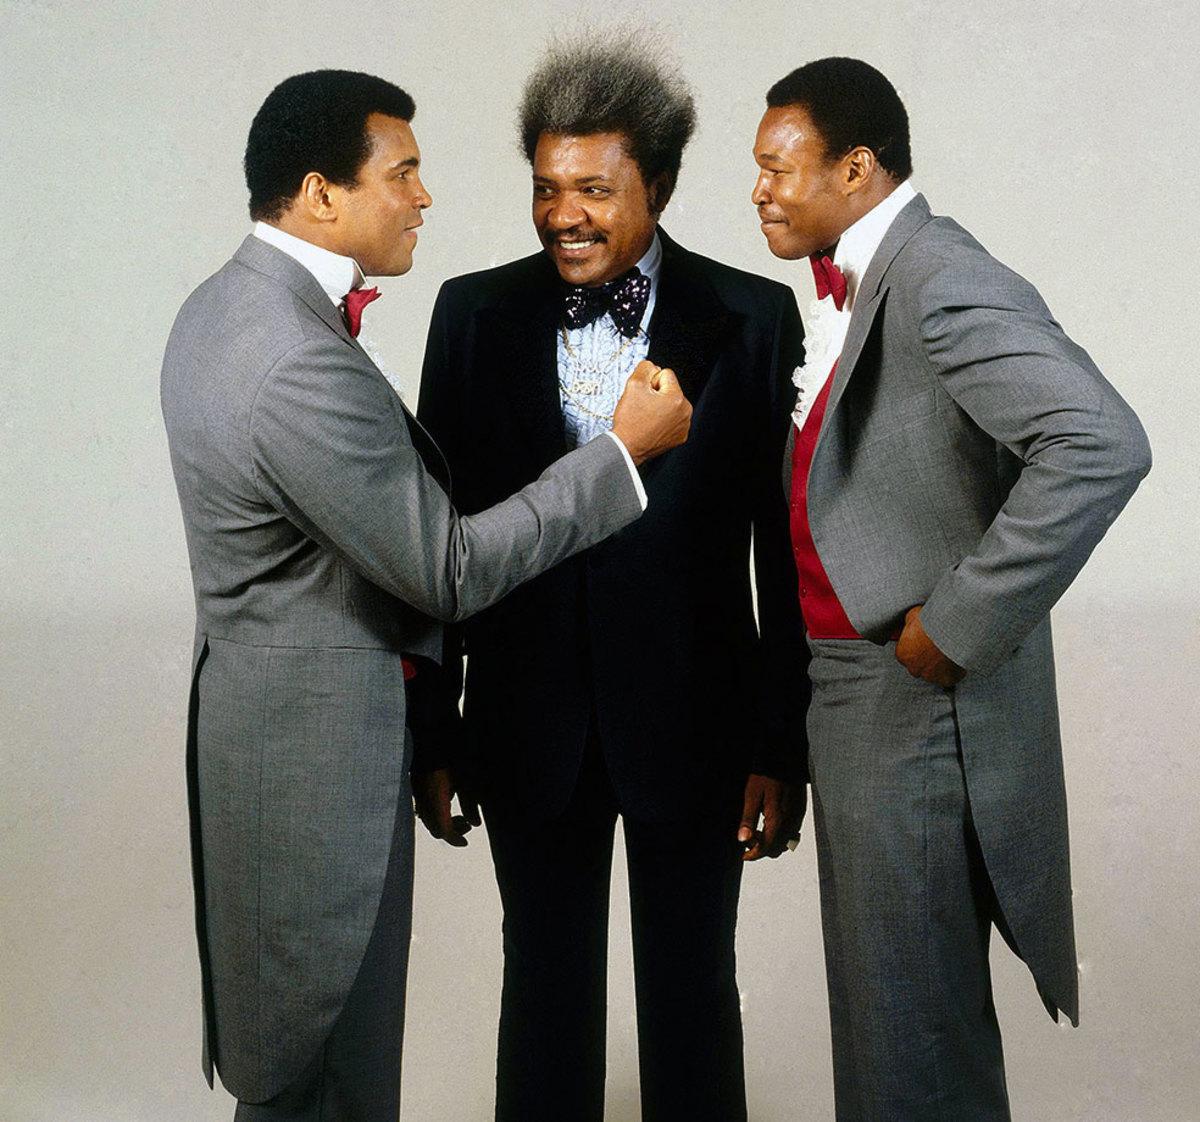 1980-0916-Muhammad-Ali-Don-King-Larry-Holmes-079008322.jpg